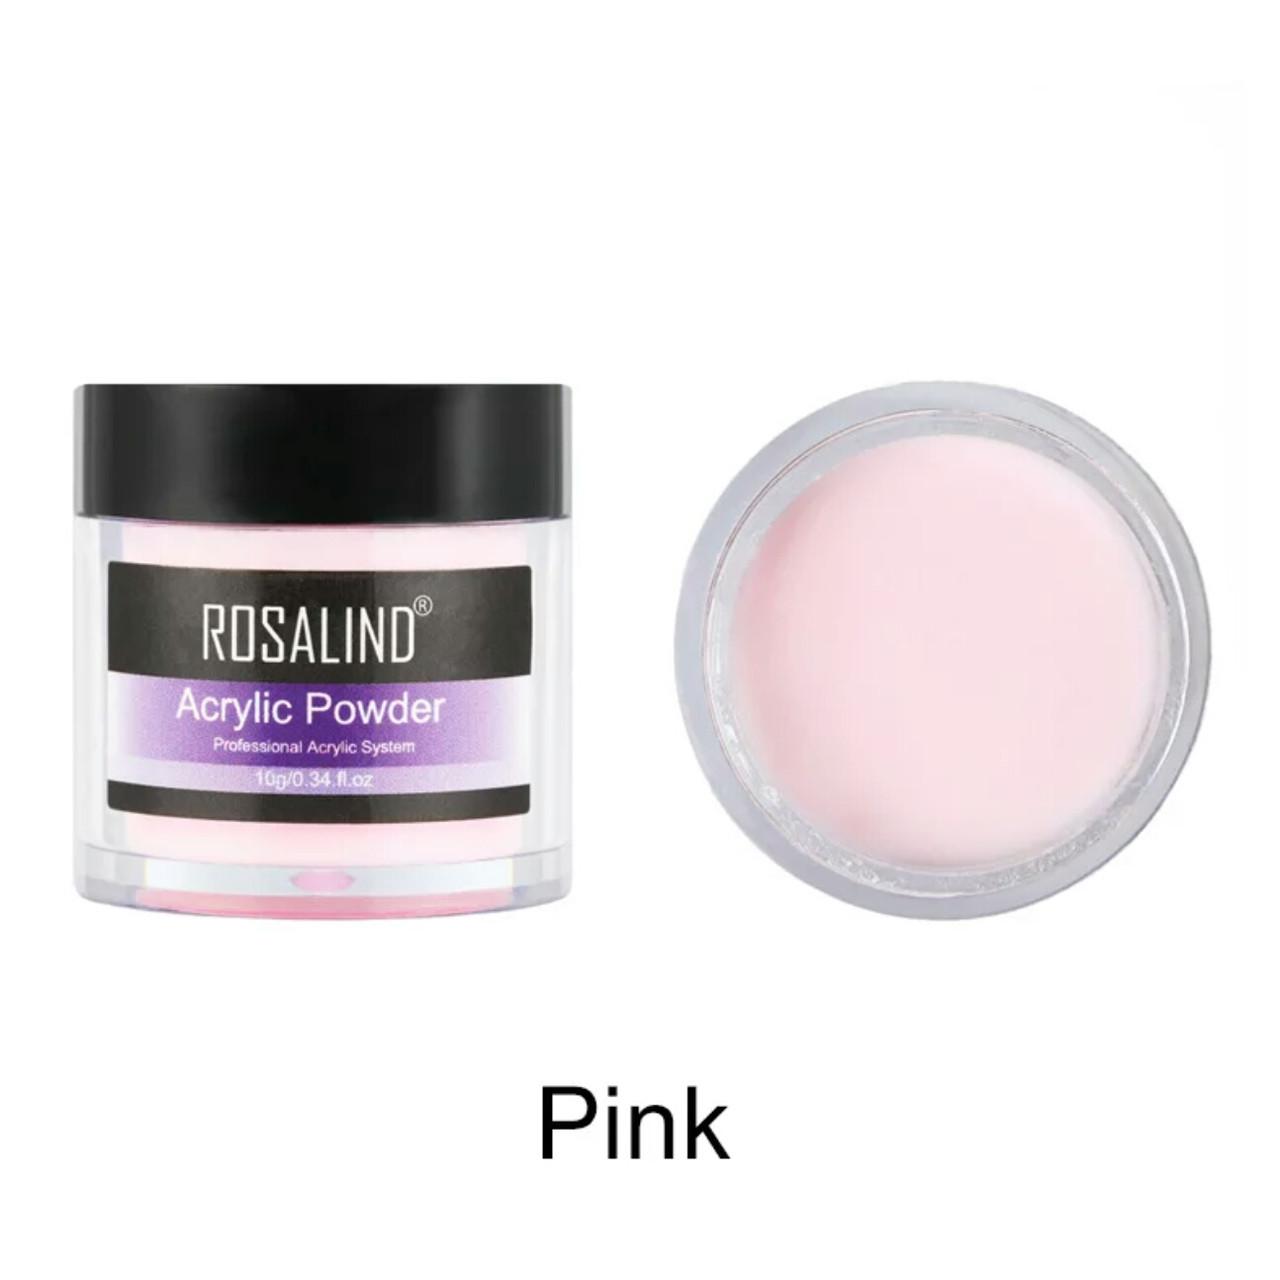 Акриловая пудра Professional System розовая, 10гр